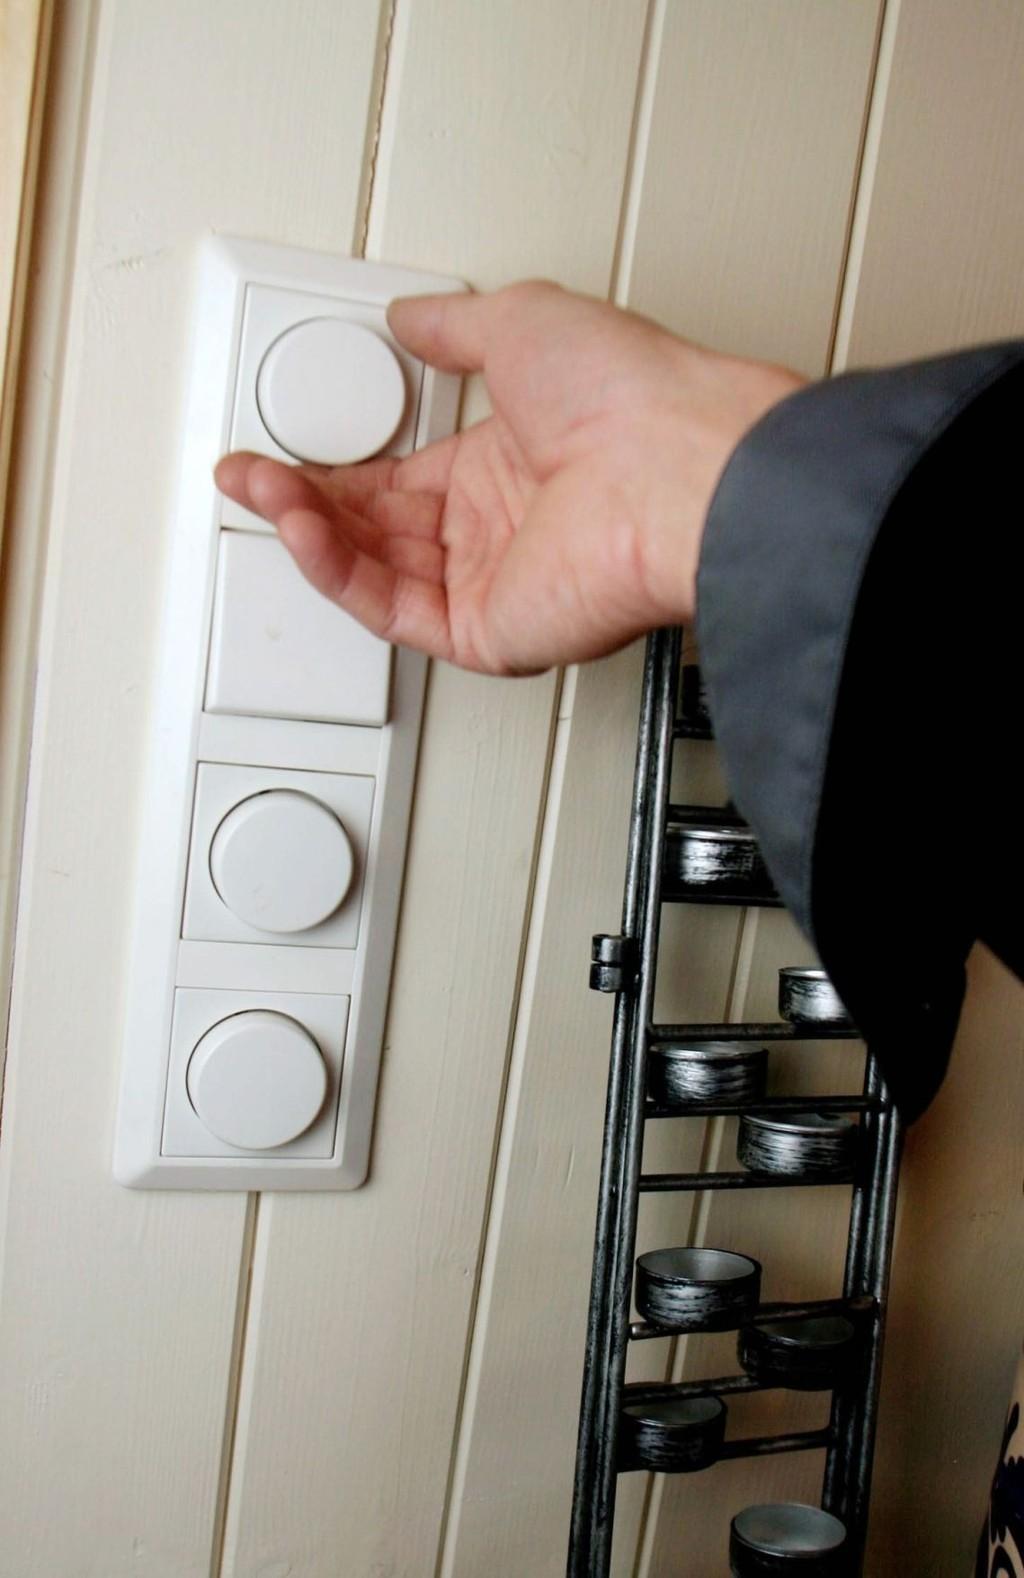 Skru av lys, demp lys og vær generelt bevisst på lysbruken. Ifølge Enova kan man i en gjennomsnittlig bolig skjære ned på utgiftene til belysning med rundt 2000 kroner i året.